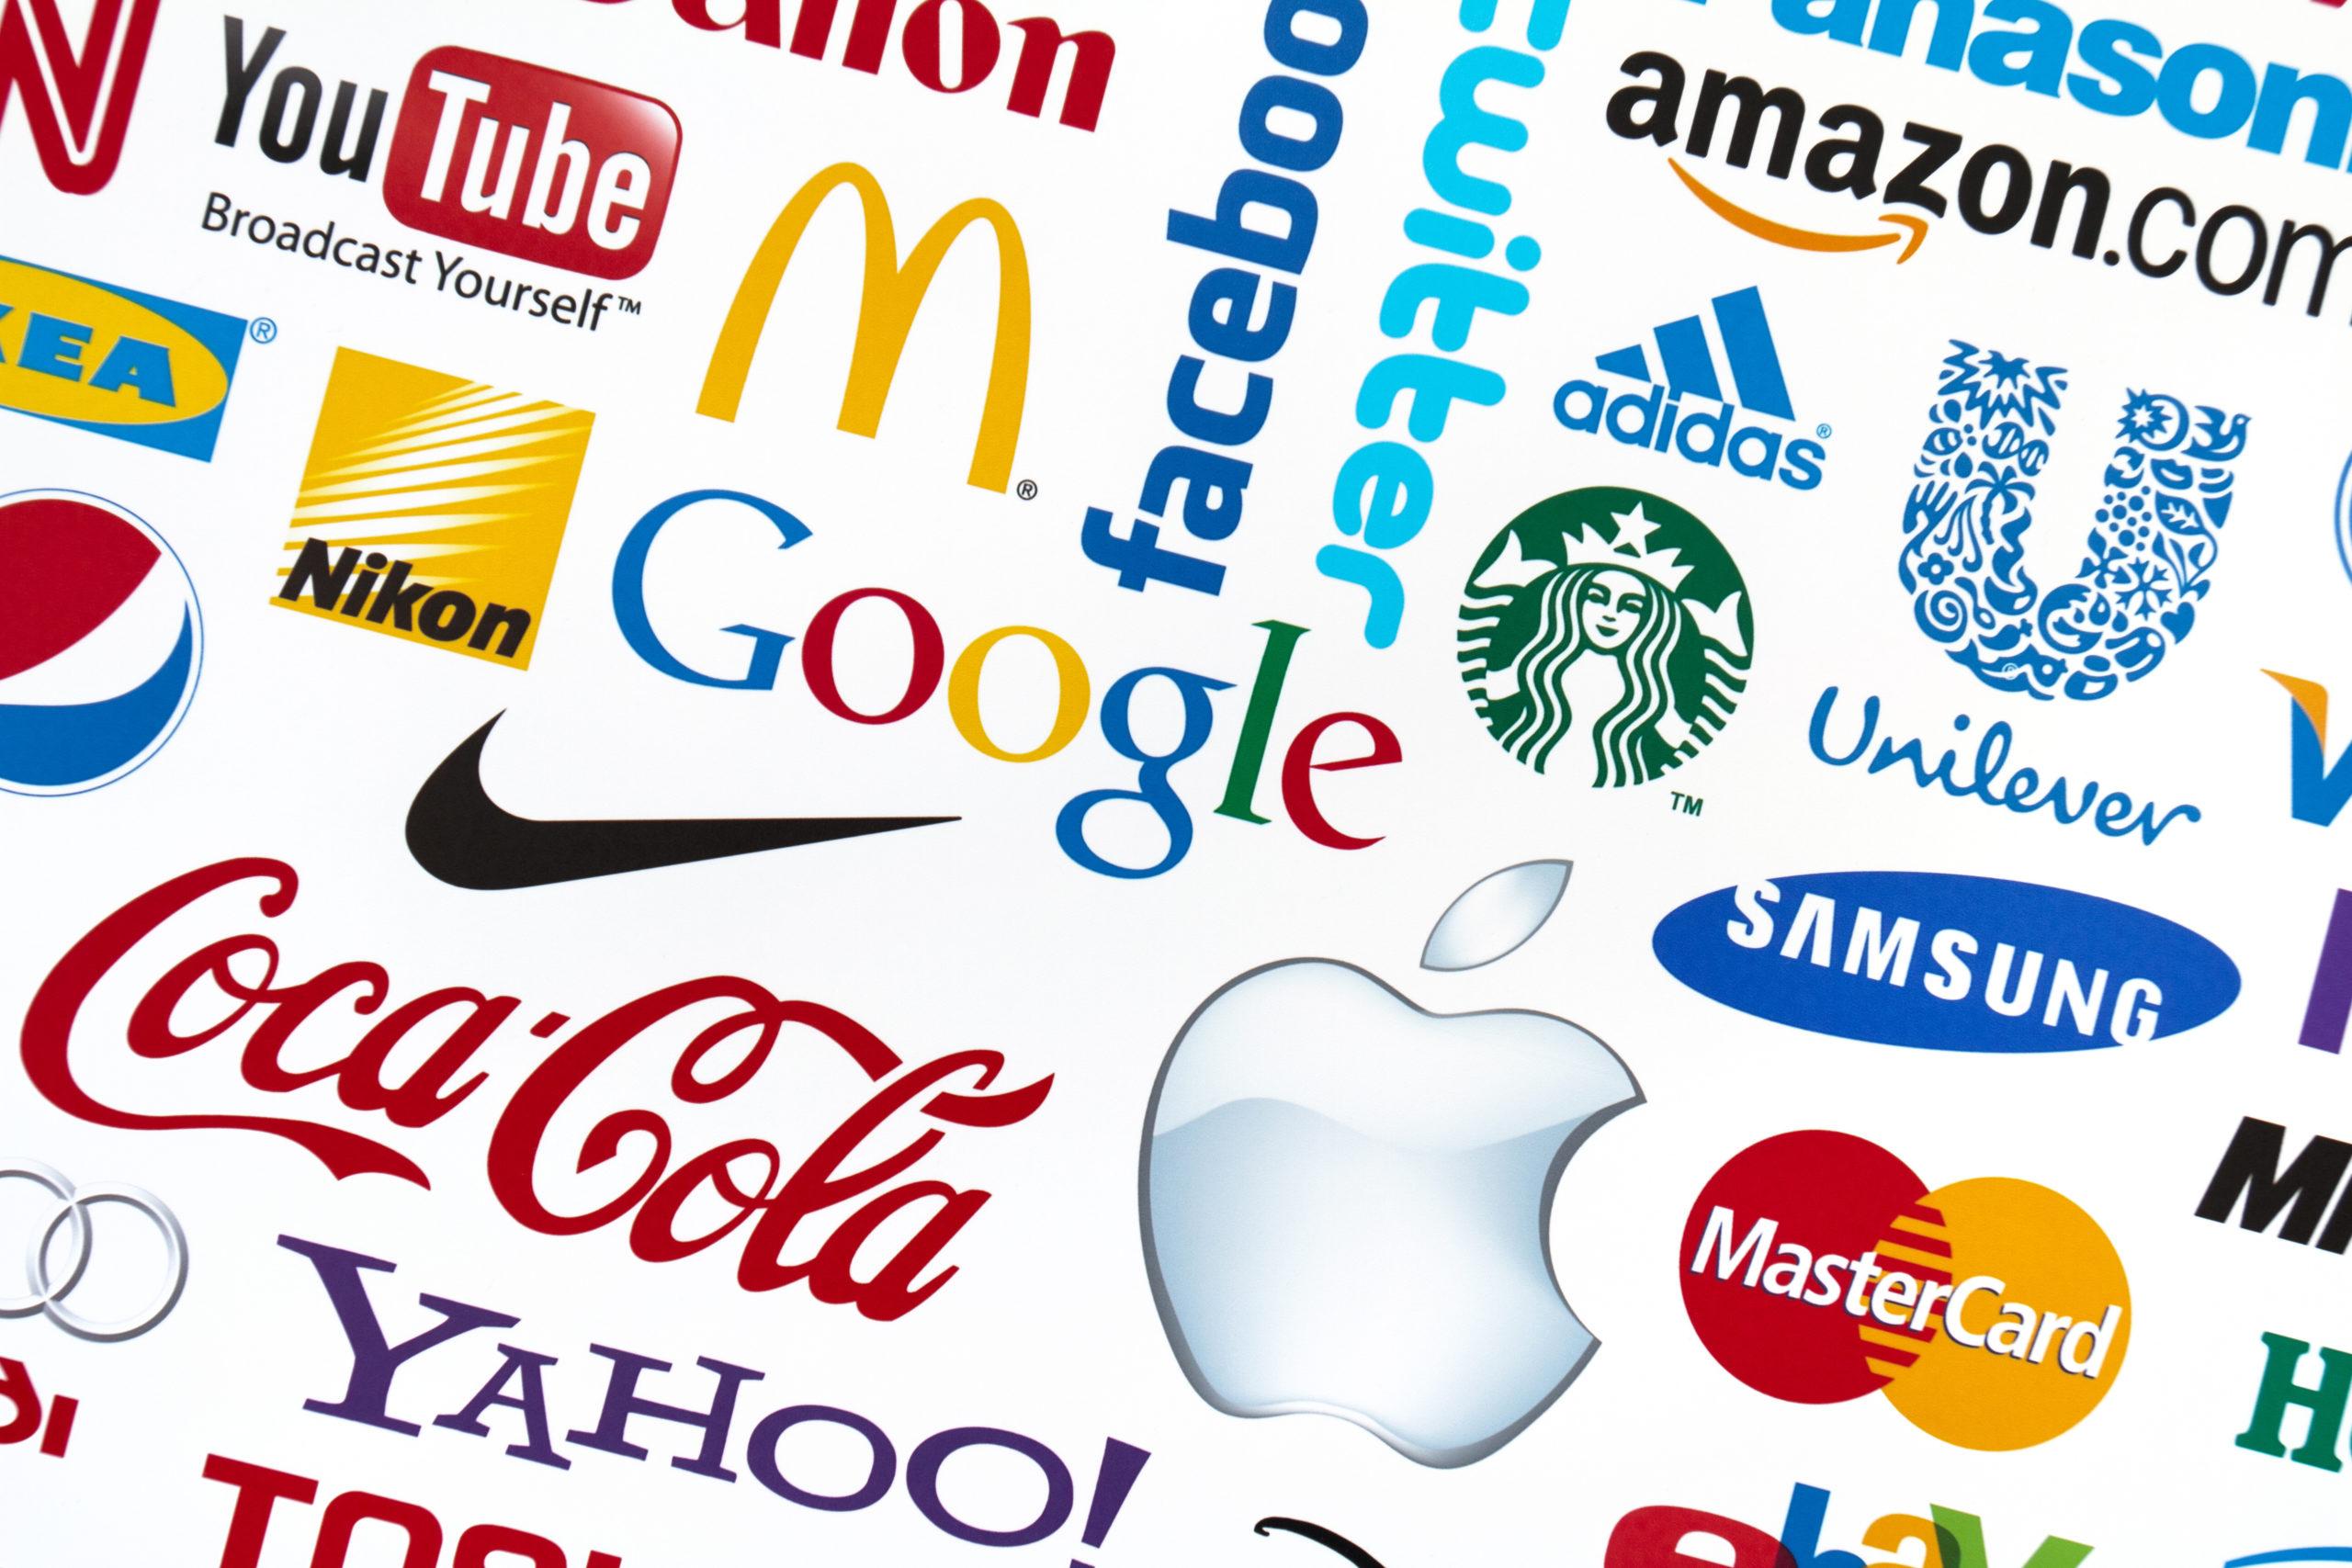 Comment concevoir une identité de marque forte?